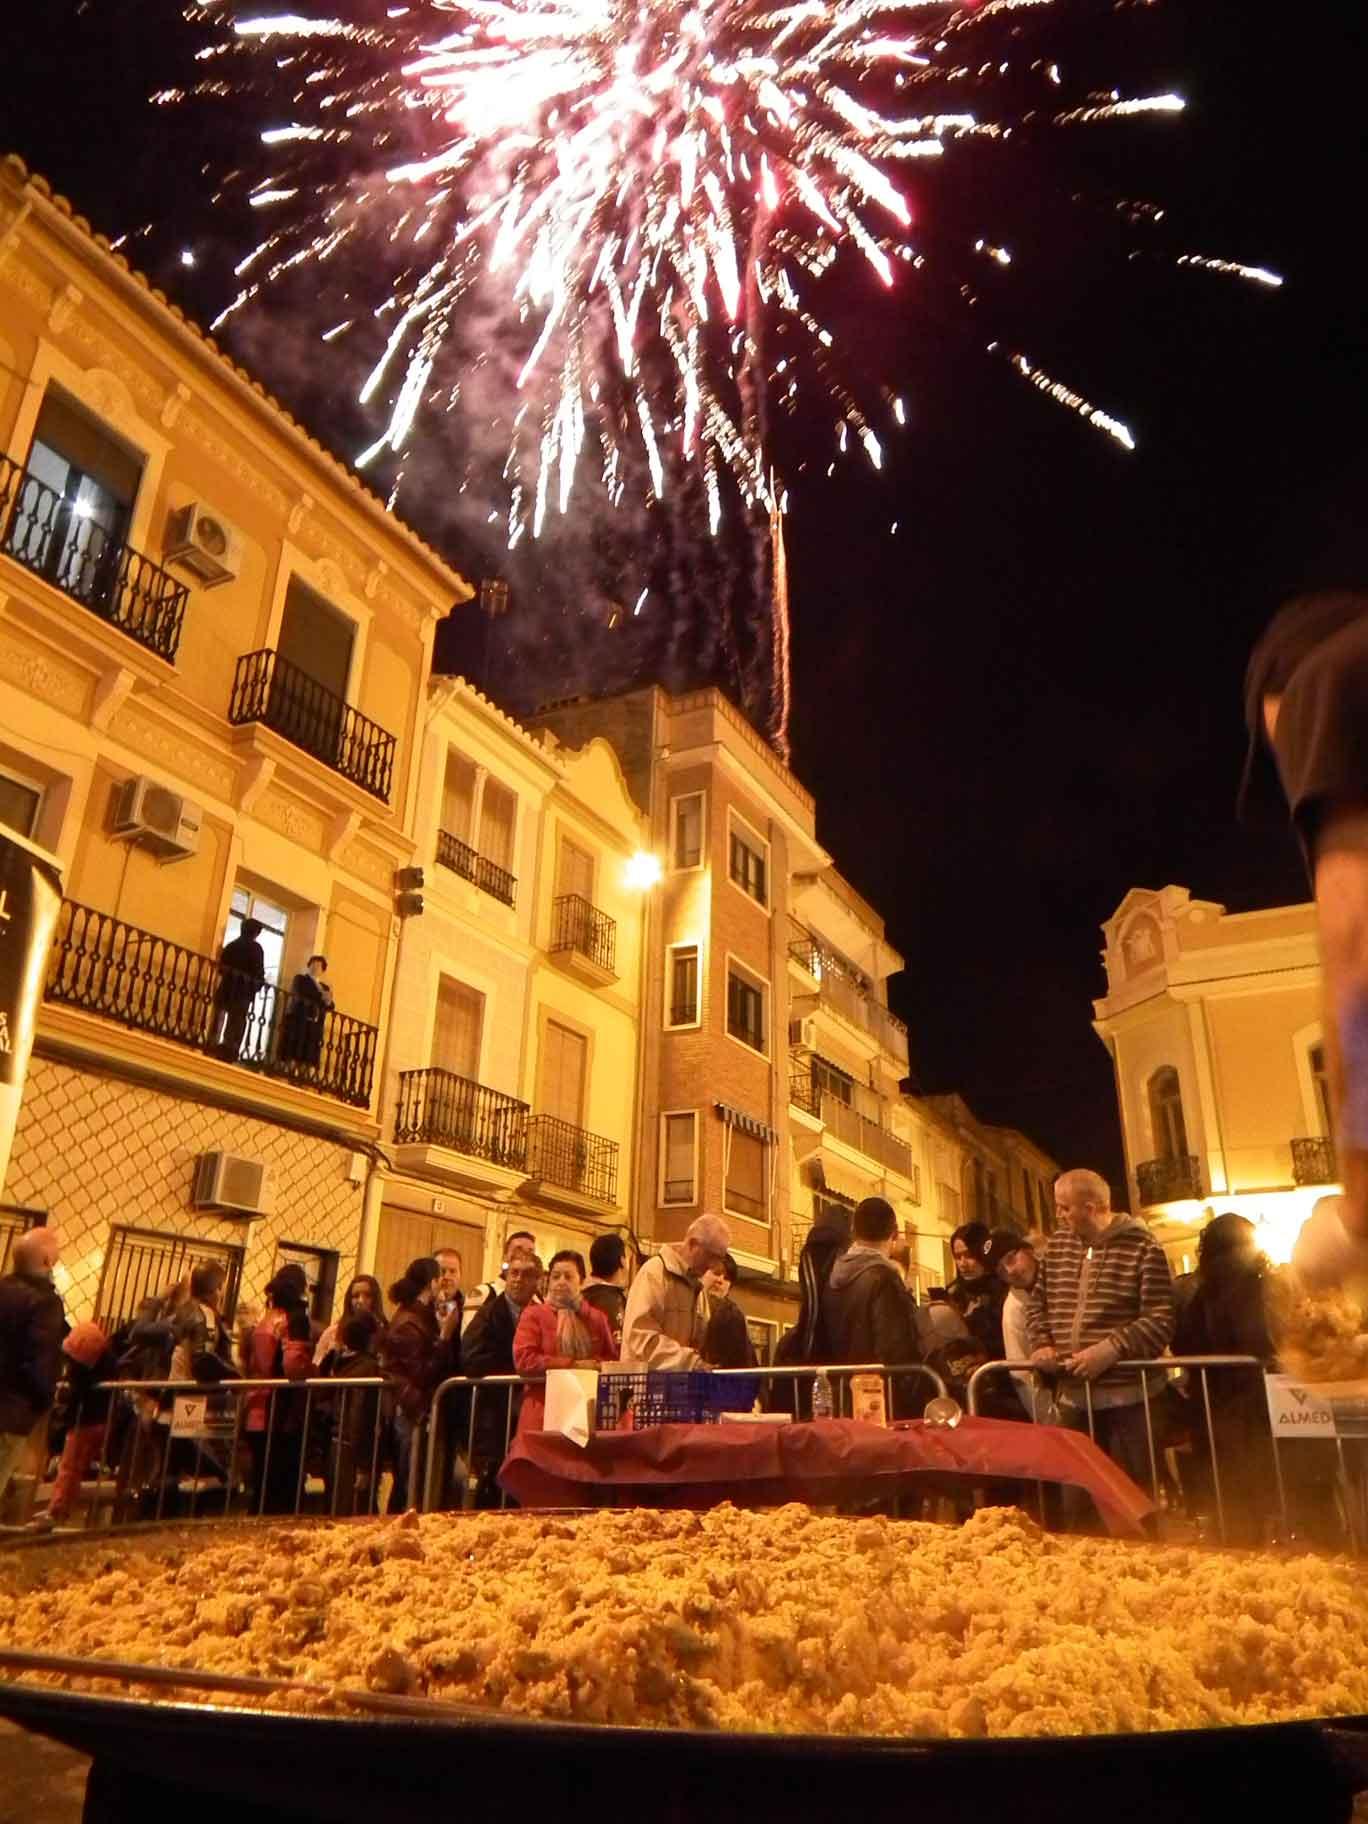 El fin de una gran fiesta nuestra paella gigante para 1000 personas www.originalpaella.com